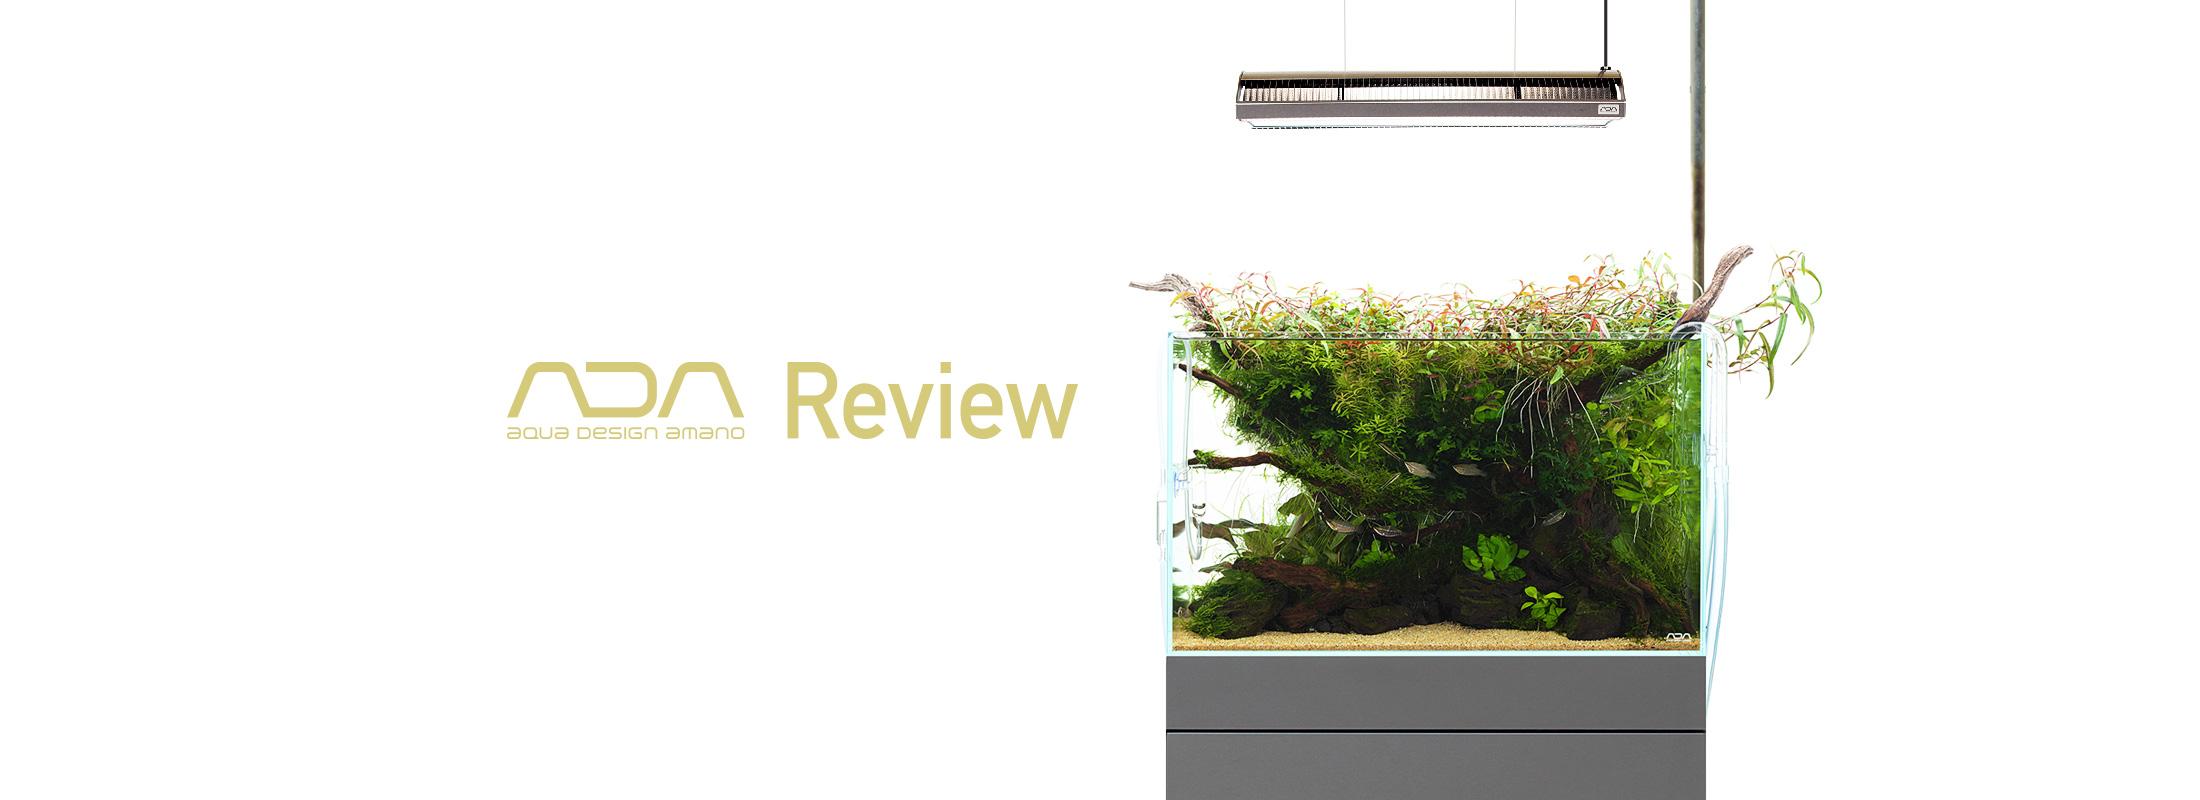 ADA Review 「一歩進んだ60㎝水槽システム」